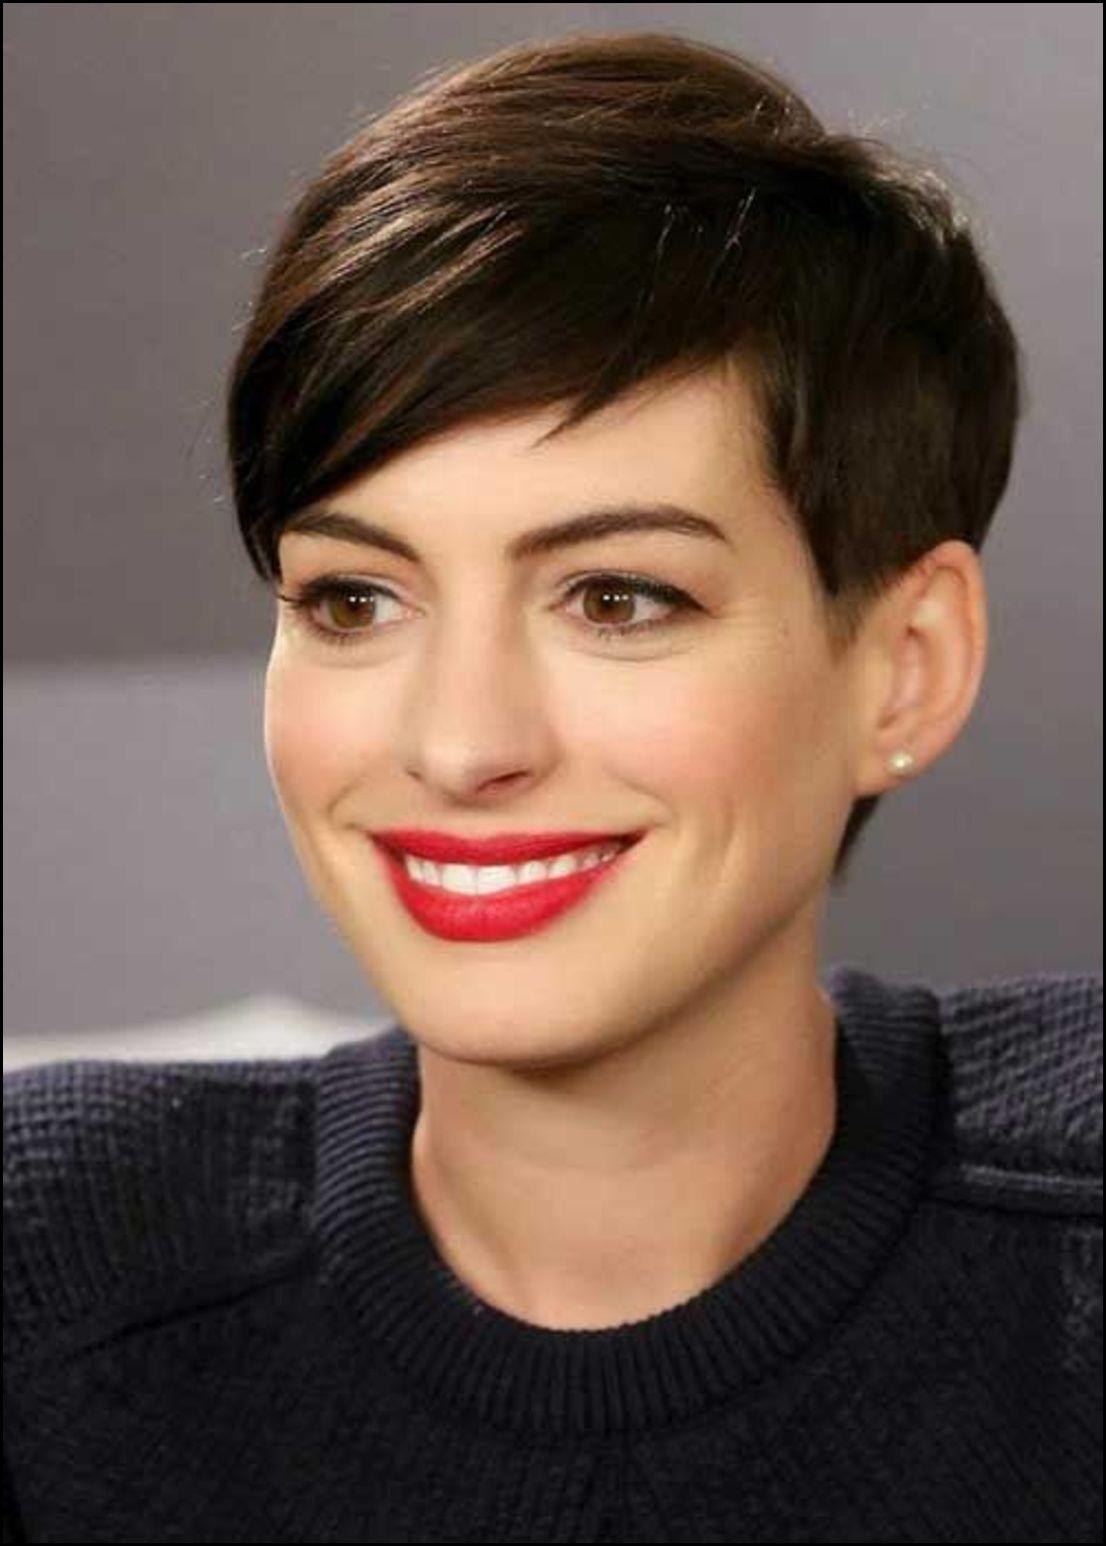 Anne Hathaway Kurze Haare Und Rote Lippenstift Undercut Frisuren Meine Frisuren Haarschnitt Kurz Haarschnitt Kurzhaarfrisuren